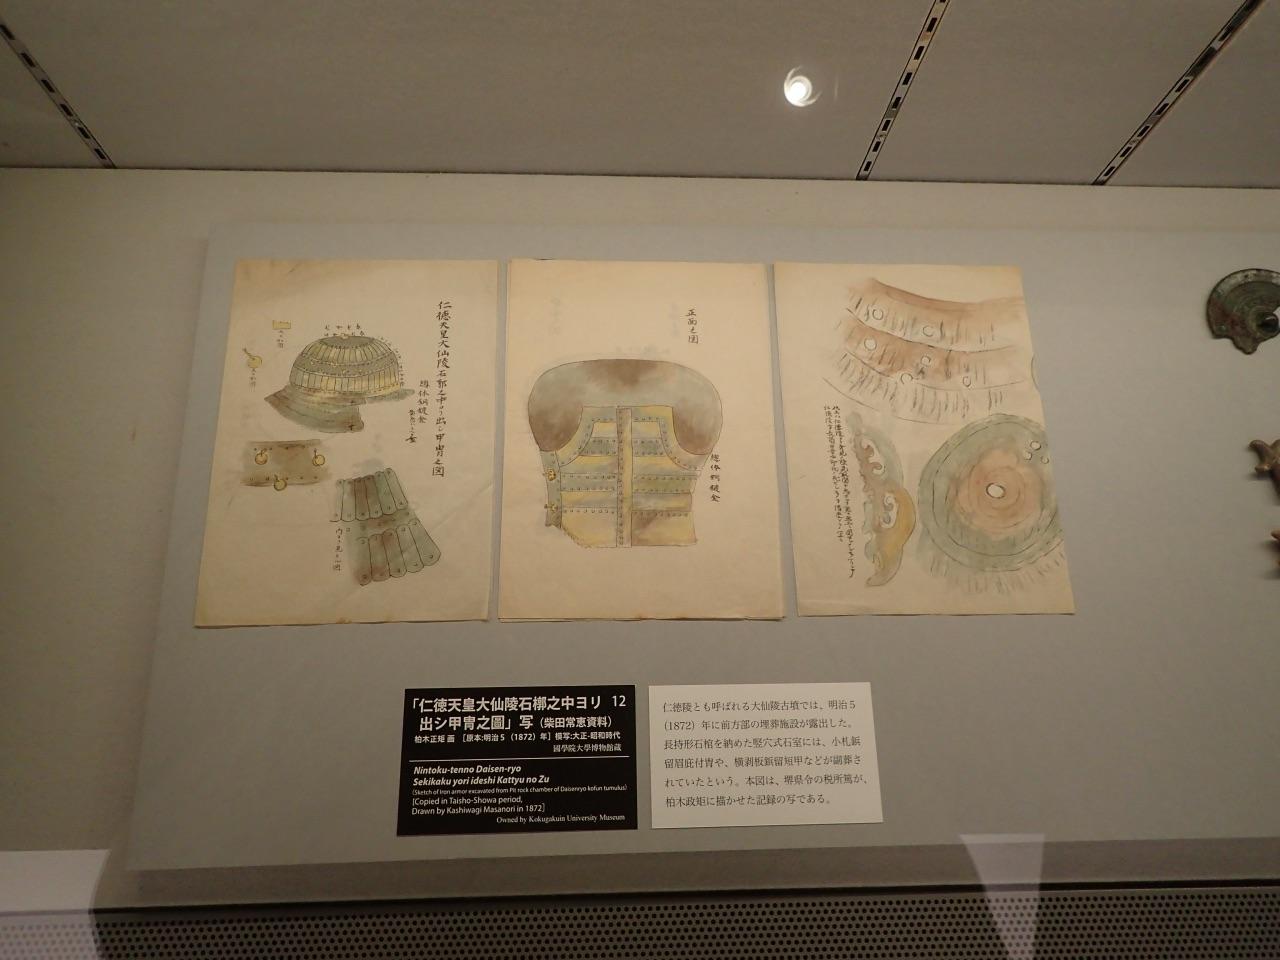 國學院大學博物館・特集展示「王権と古墳」